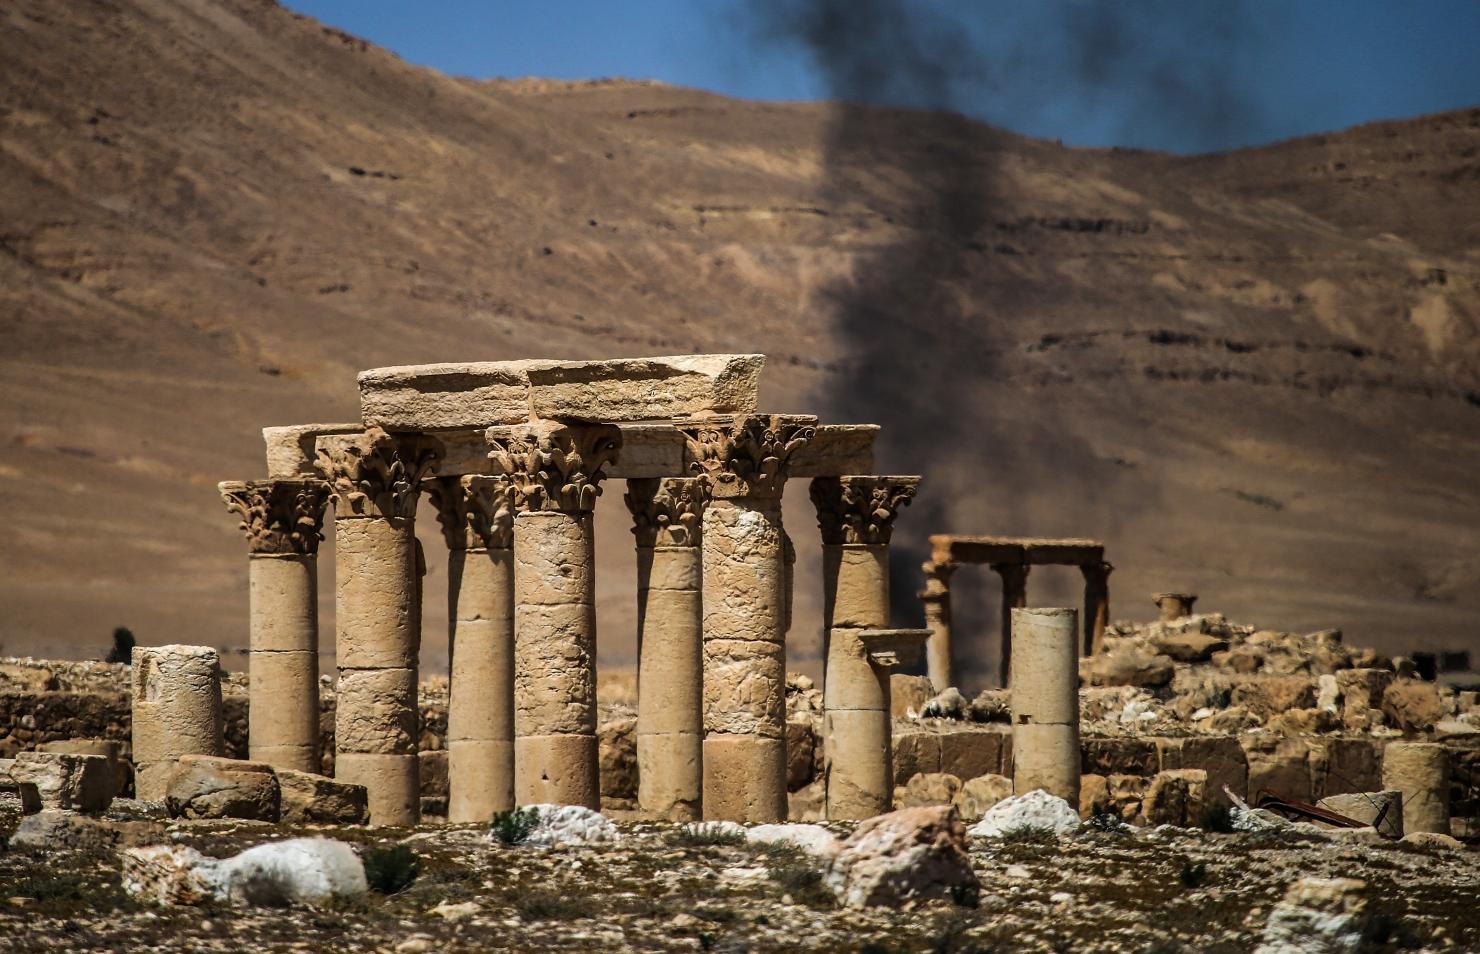 Coloanele antice din Palmyra